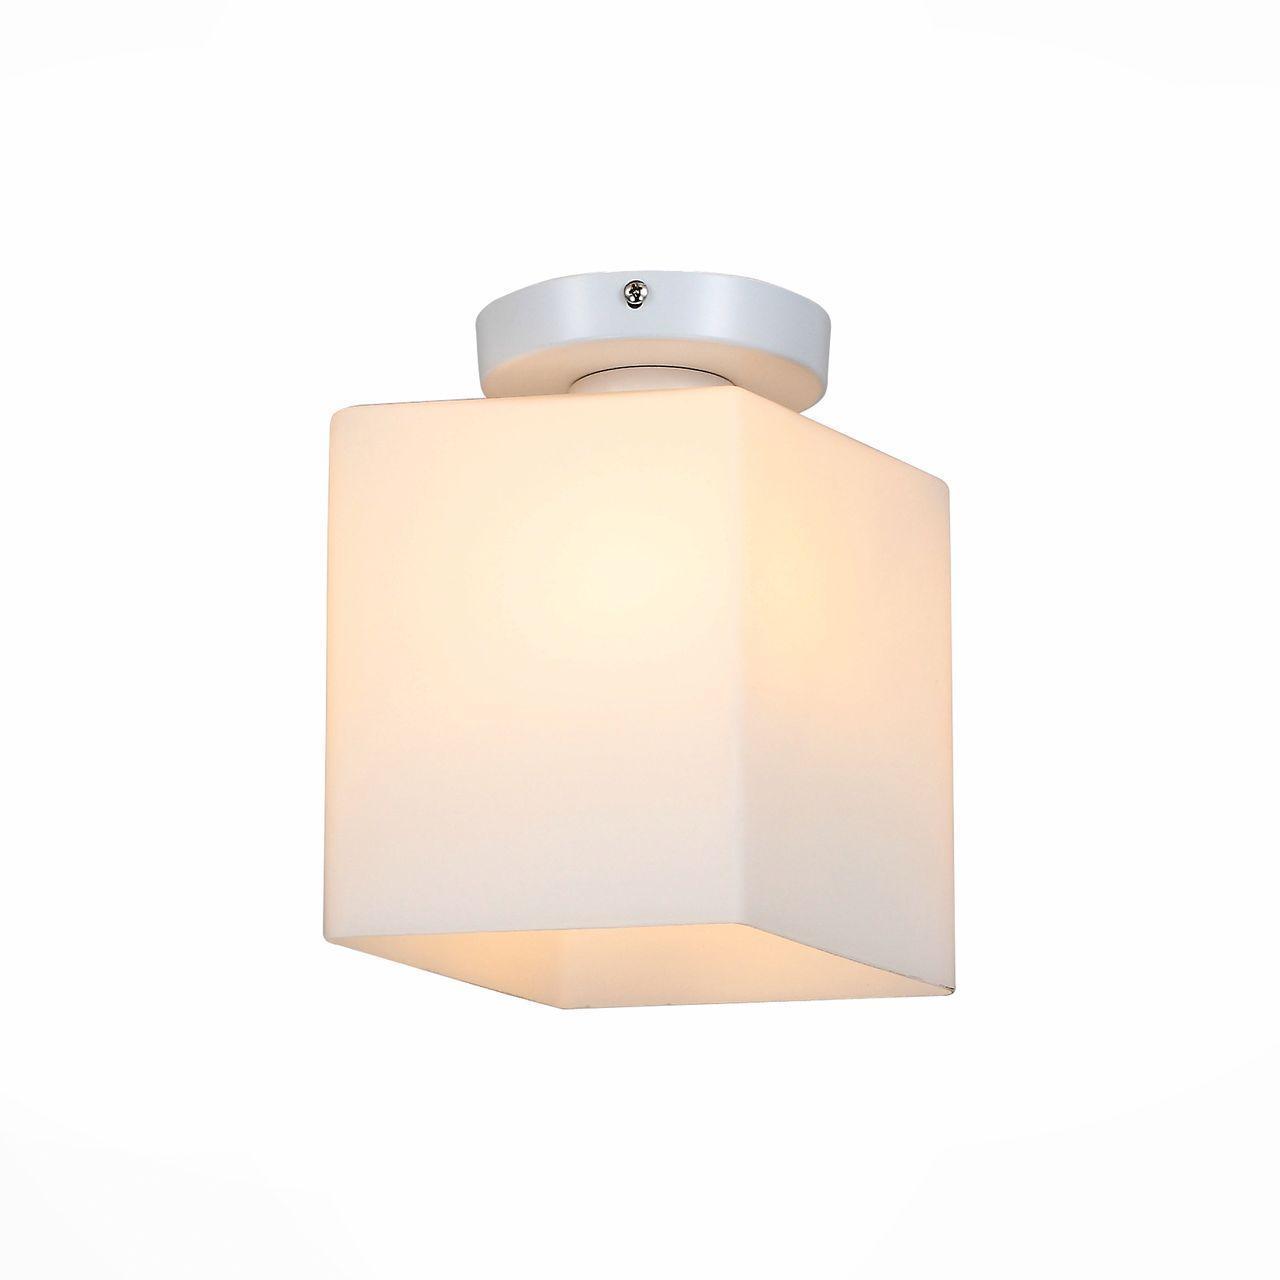 Настенно-потолочный светильник ST Luce Aspetto SL548.501.01 цена